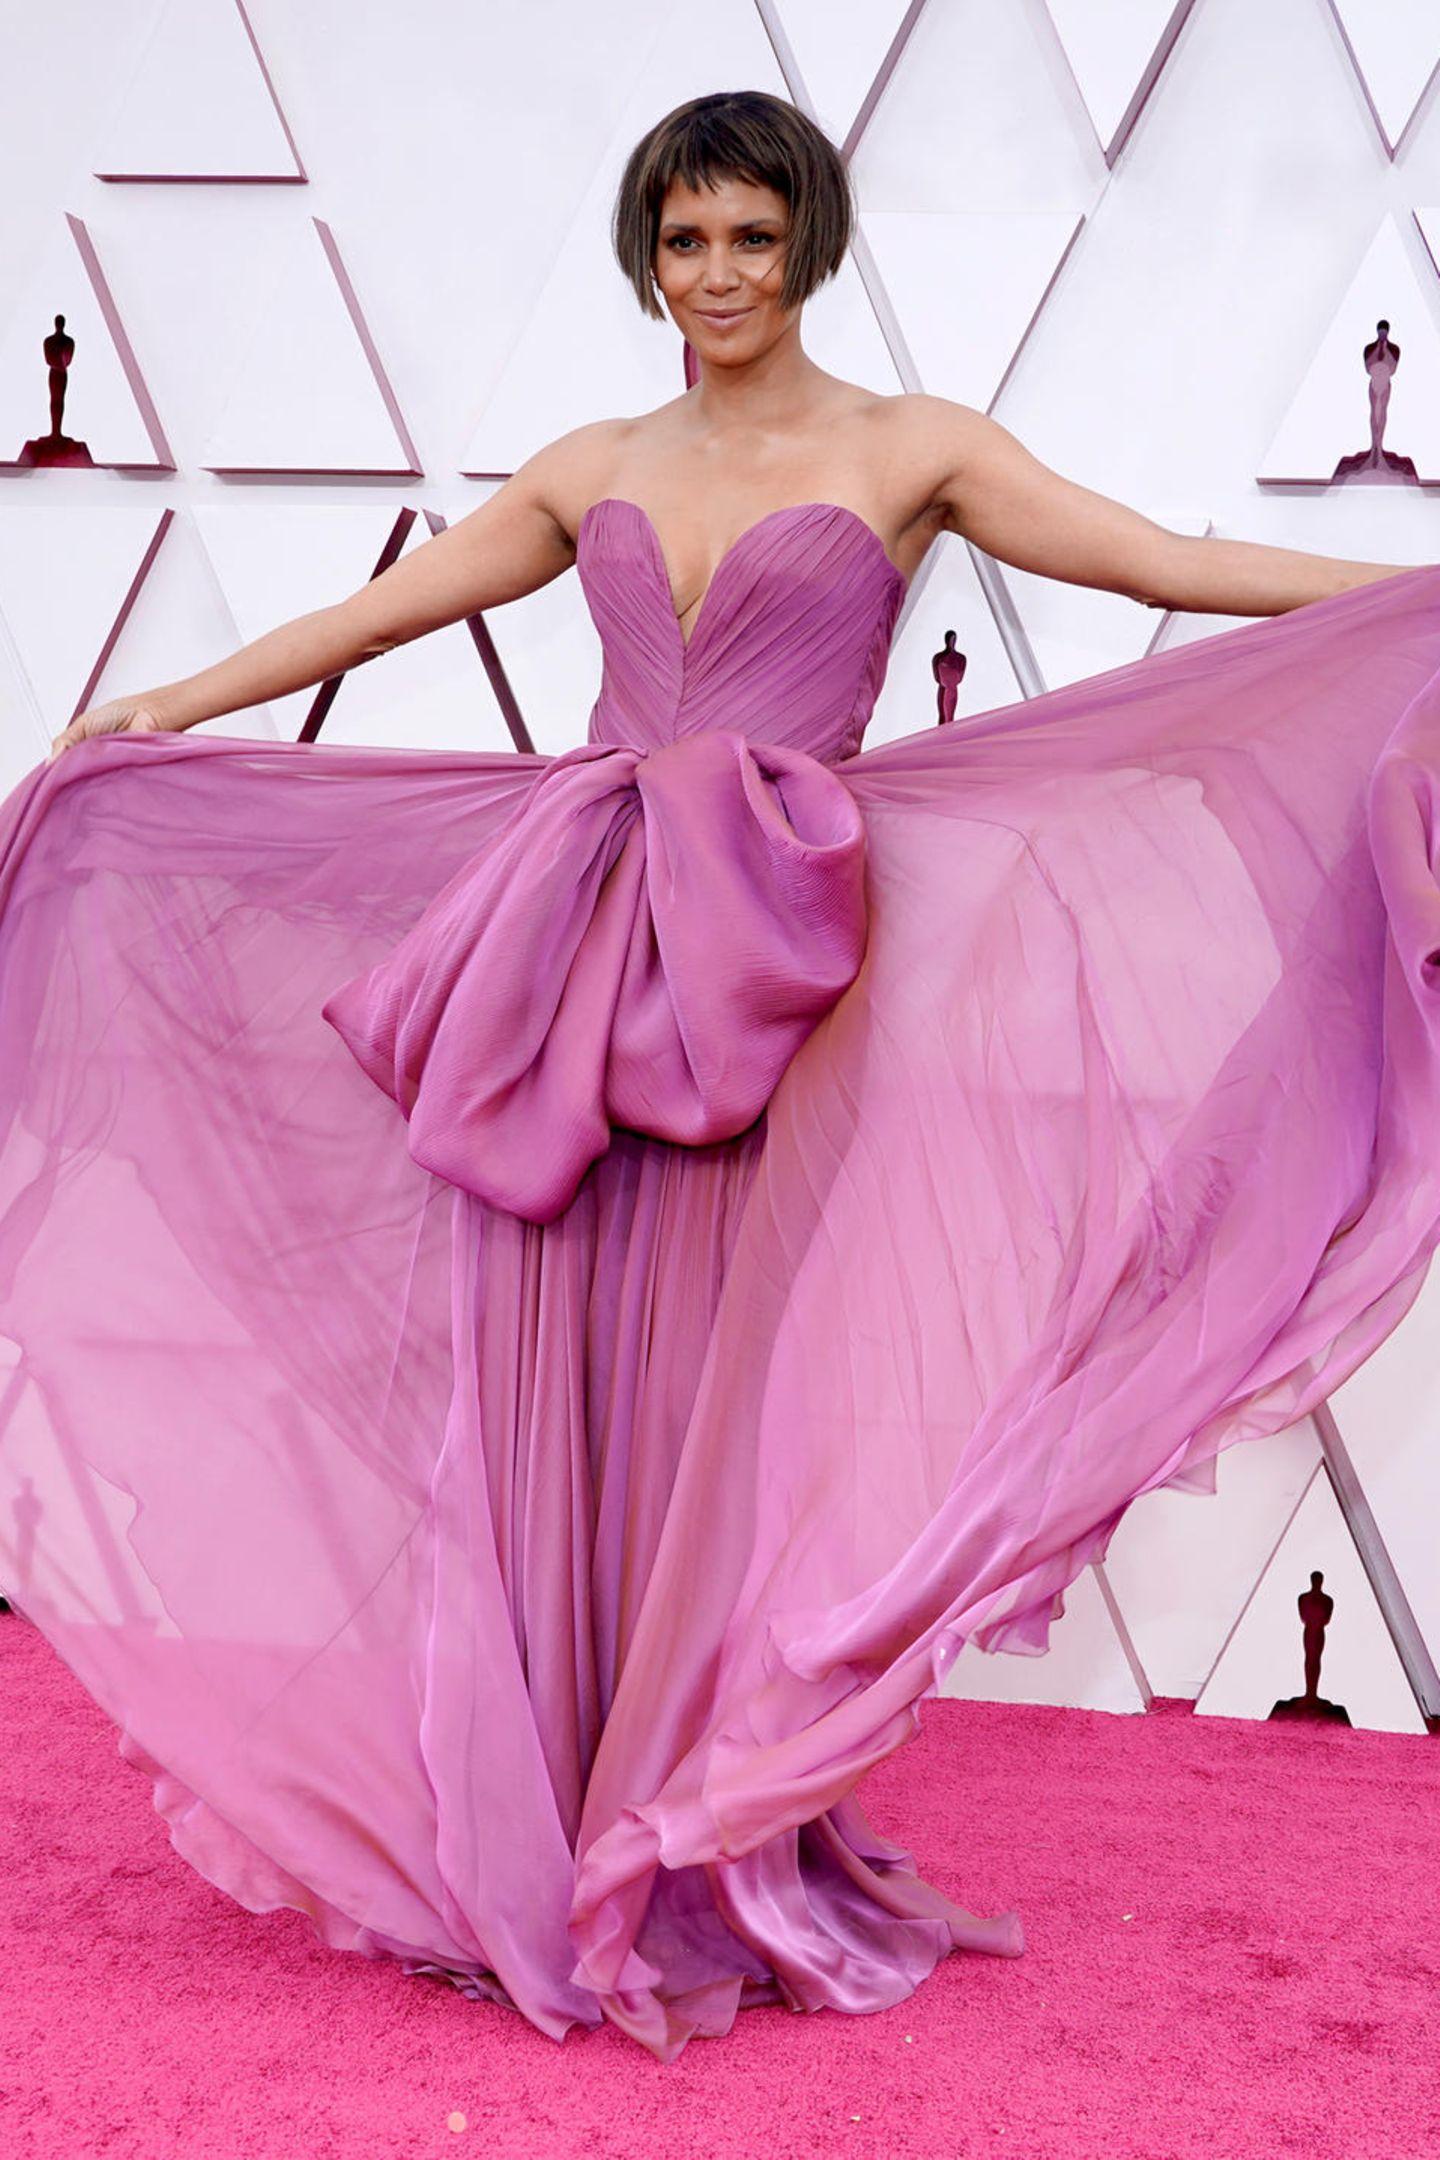 Wow, was für ein Auftritt von Halle Berry bei den Oscars 2021. Sie trägt eine schulterfreie Robe von Dolce & Gabbana in frühlingshaftenPinktönen.